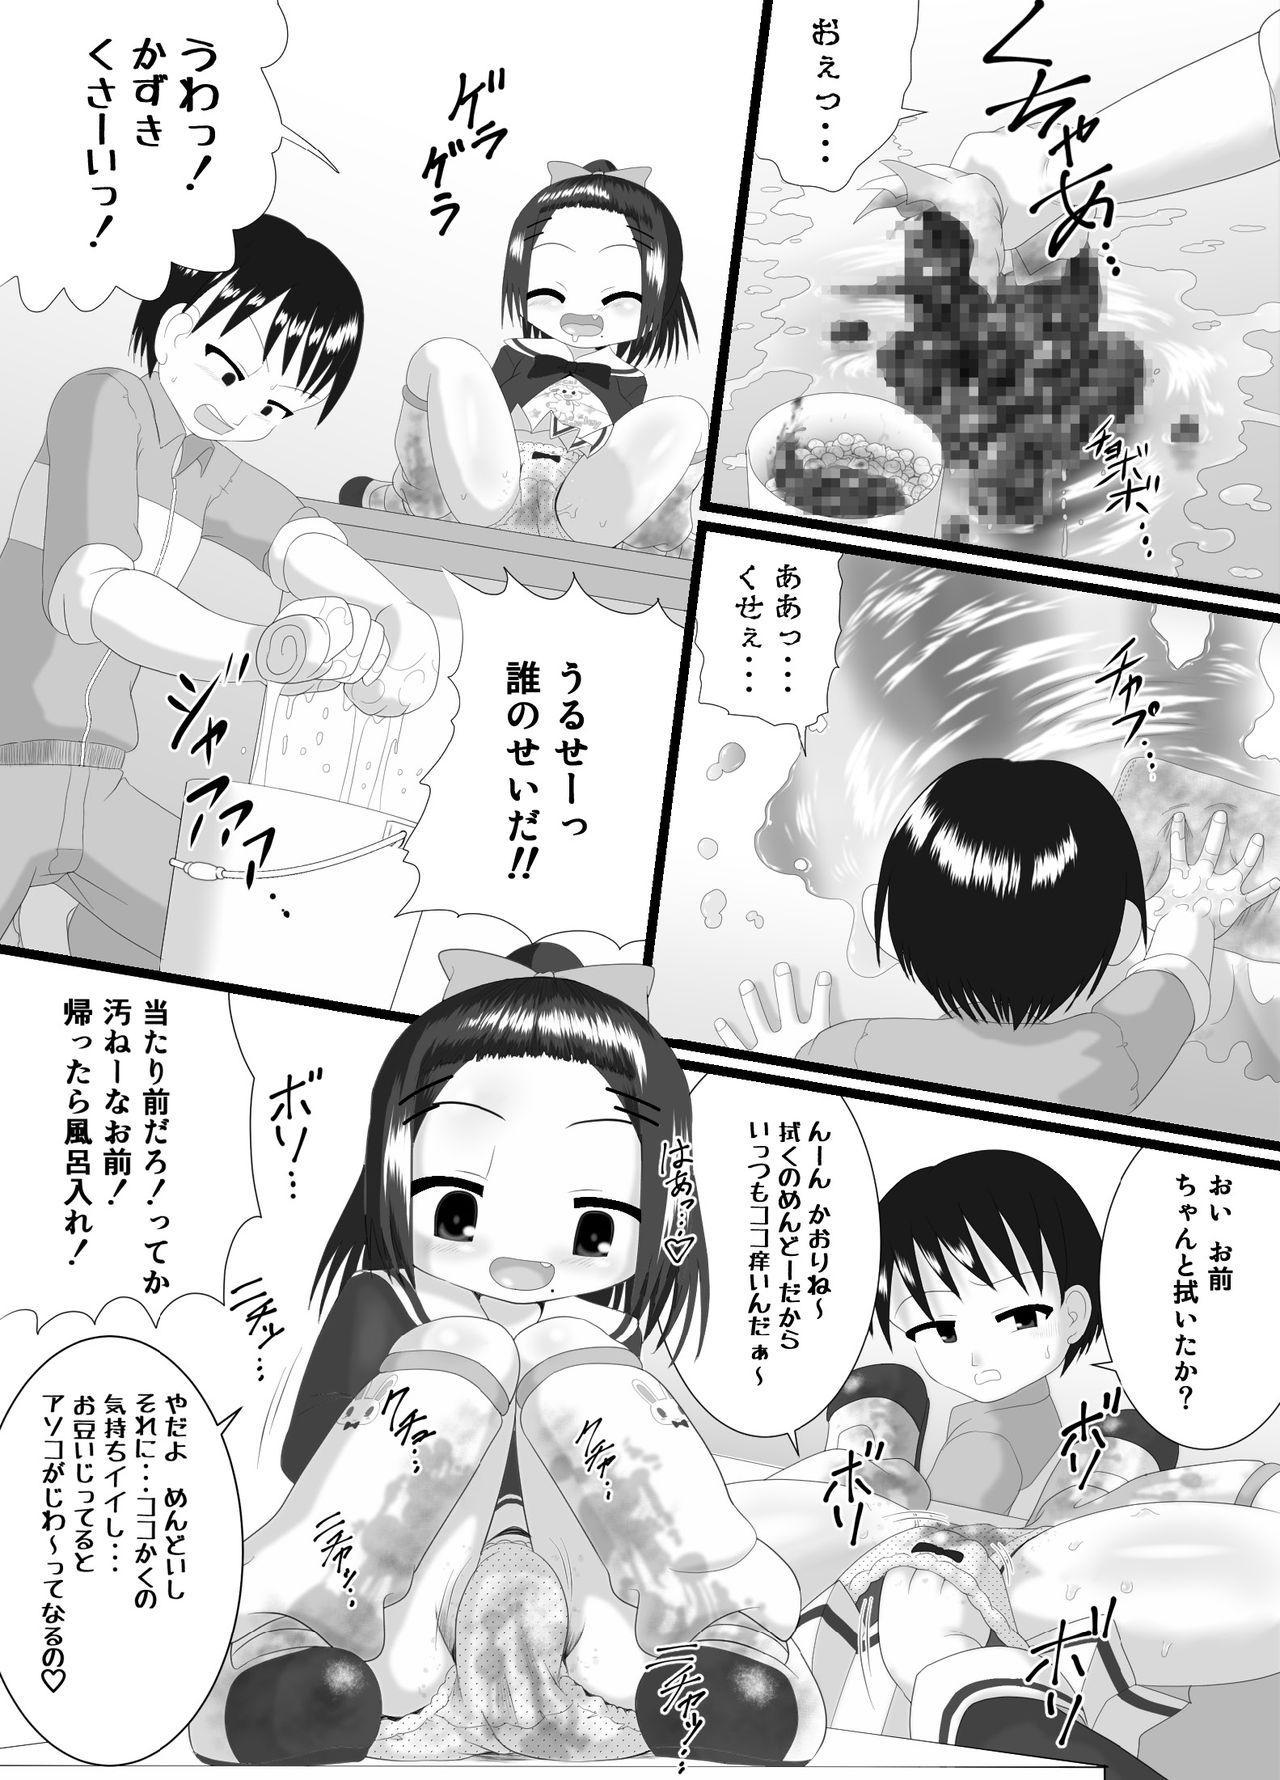 Kaori 9